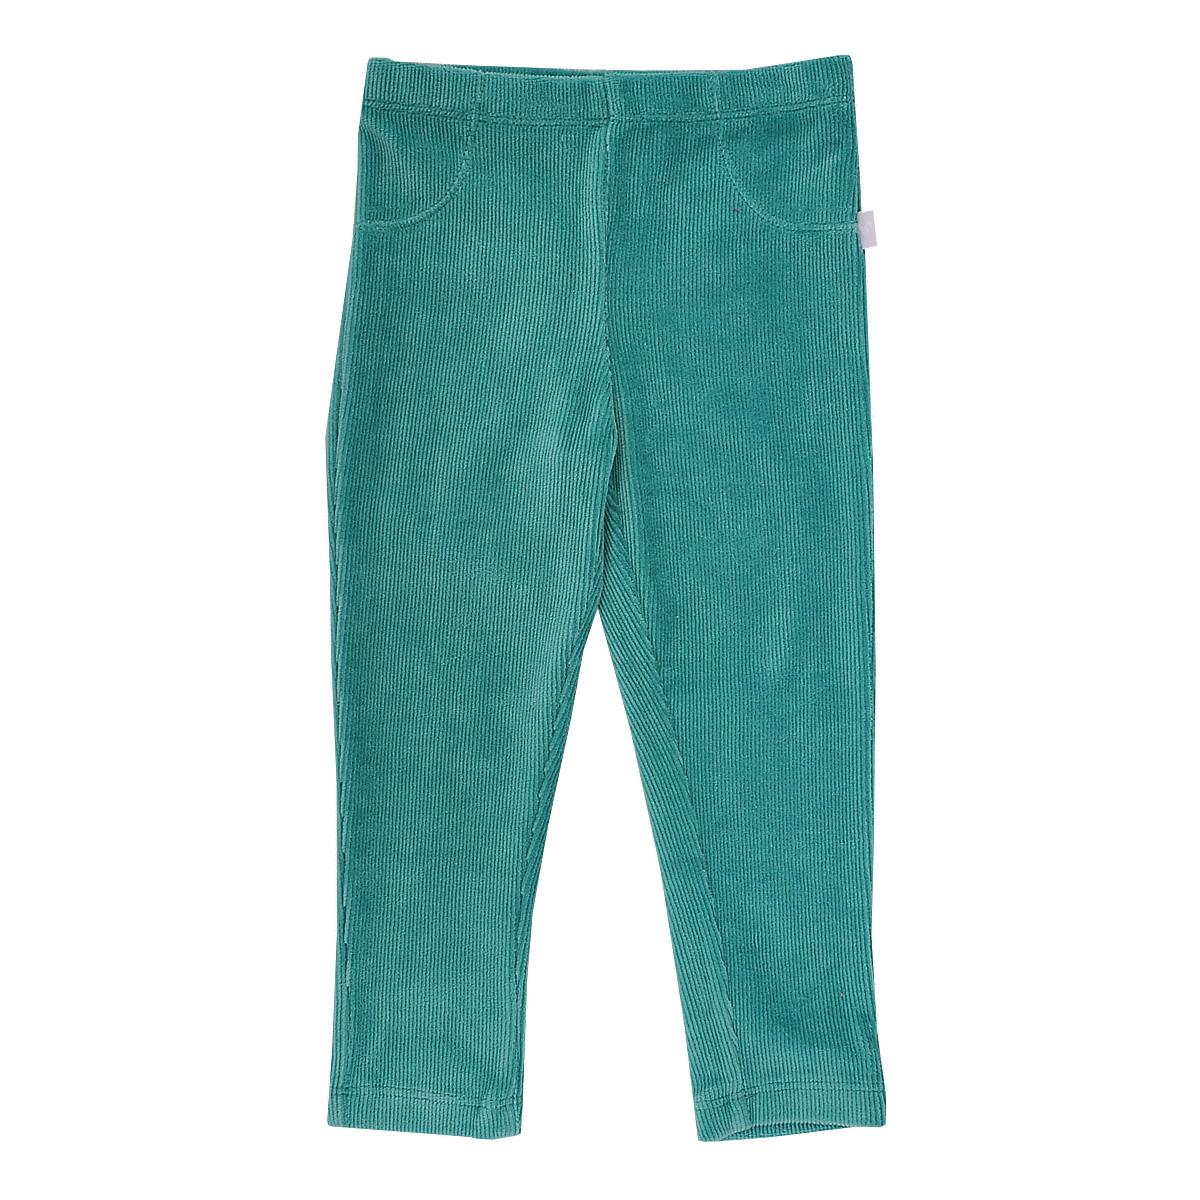 Леггинсы для девочки Chicco, цвет: зеленый. 9025497. Размер 74, 12 месяцев